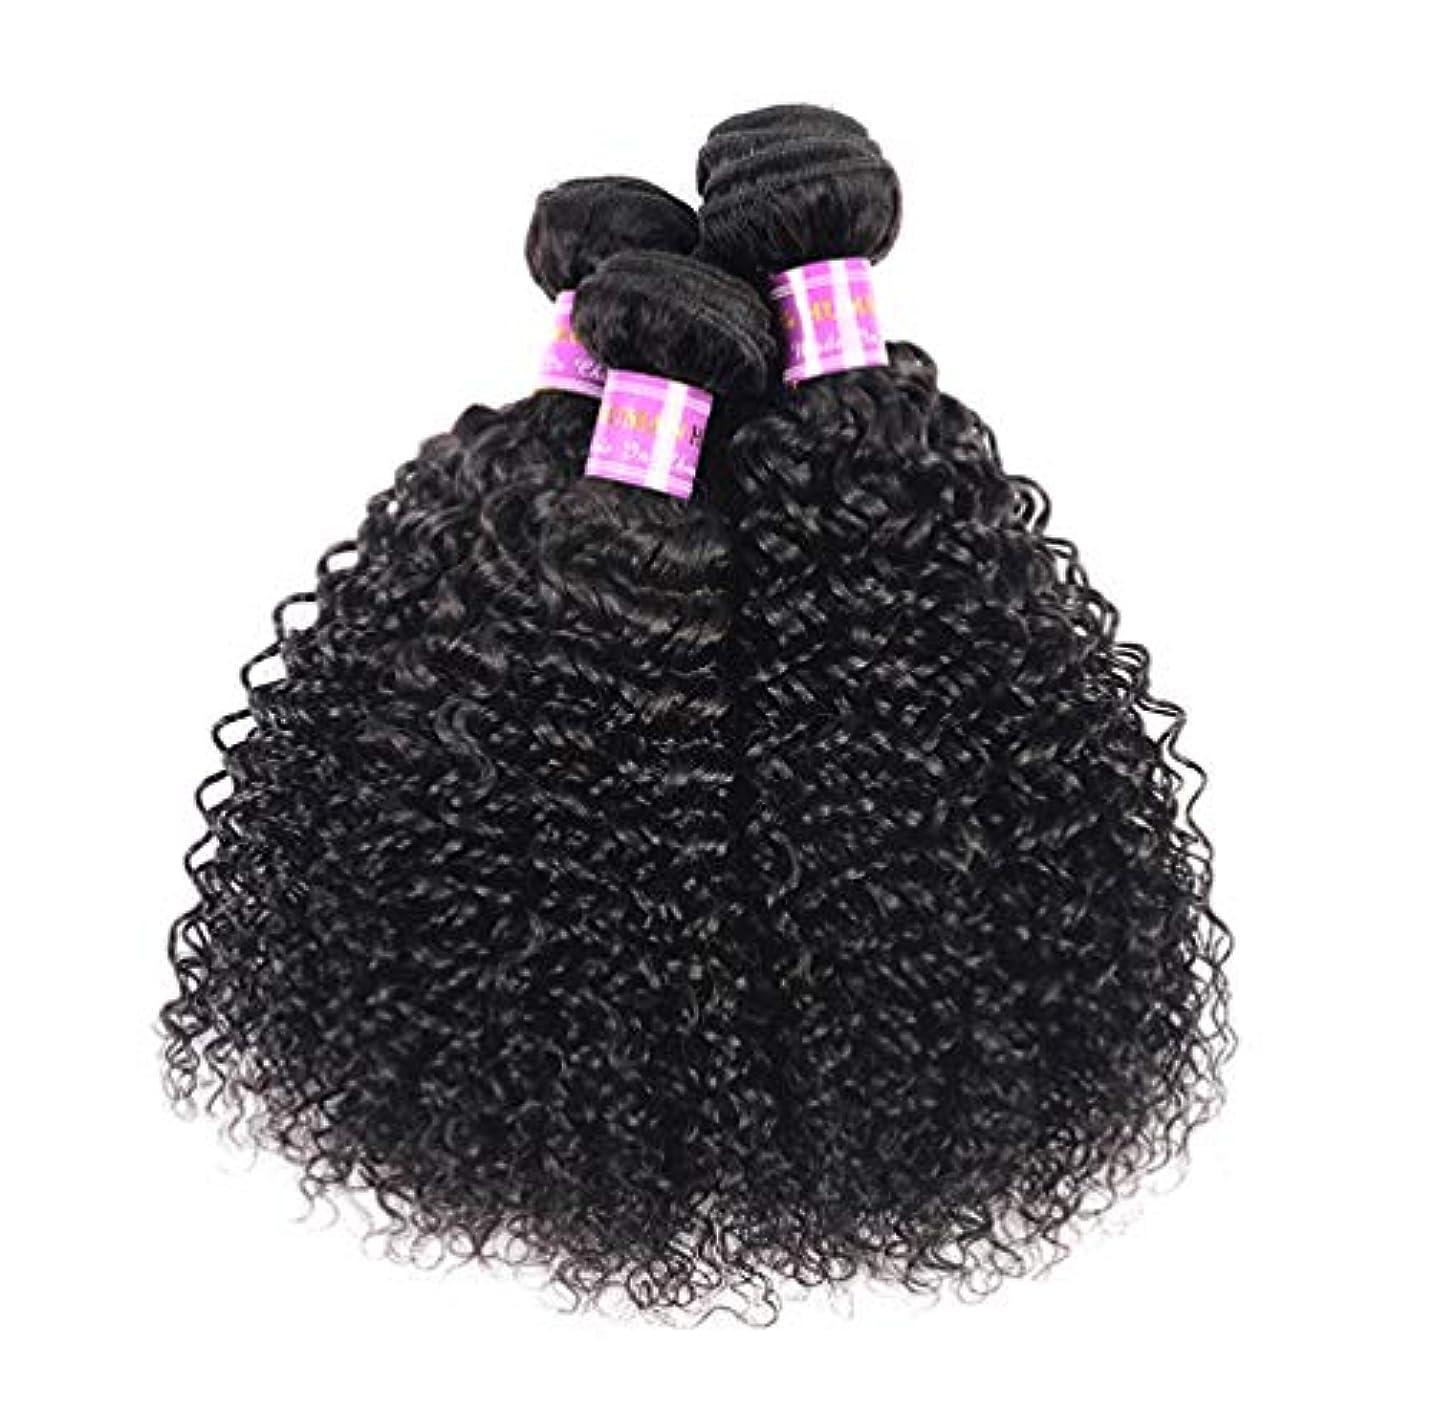 かわす熟読インカ帝国ブラジルの毛3の束10Aブラジルボディ波のバージンの毛100%未処理1B色の二重よこ糸の人間の毛髪延長